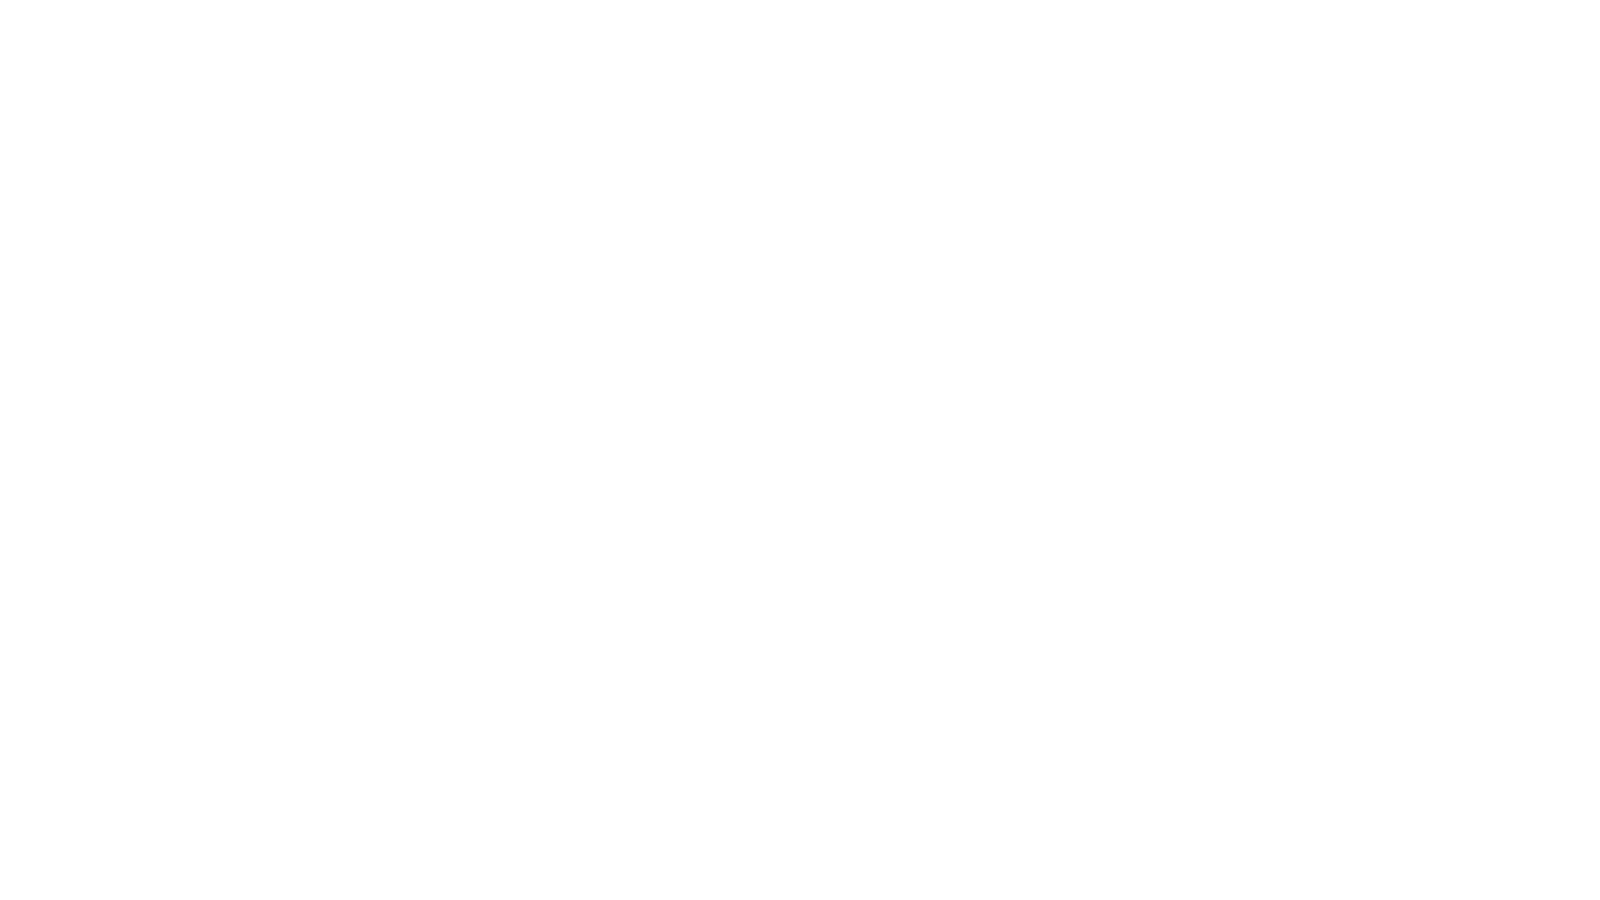 Venha nos conhecer: Igreja Evangélica das Nações  Site: https://www.ien.org.br  Inscreva-se no nosso canal e receba nossas atualizações https://www.youtube.com/CanalIEN  Acompanhe nossas Redes Sociais  Instagram: http://www.instagram.com/IgrejaEvangelicaDasNacoes Facebook: https://www.facebook.com/IgrejaEvangelicaDasNacoes Twitter: https://twitter.com/igreja_IEN  Faça Parte Você Também  https://www.ien.org.br/contribua/